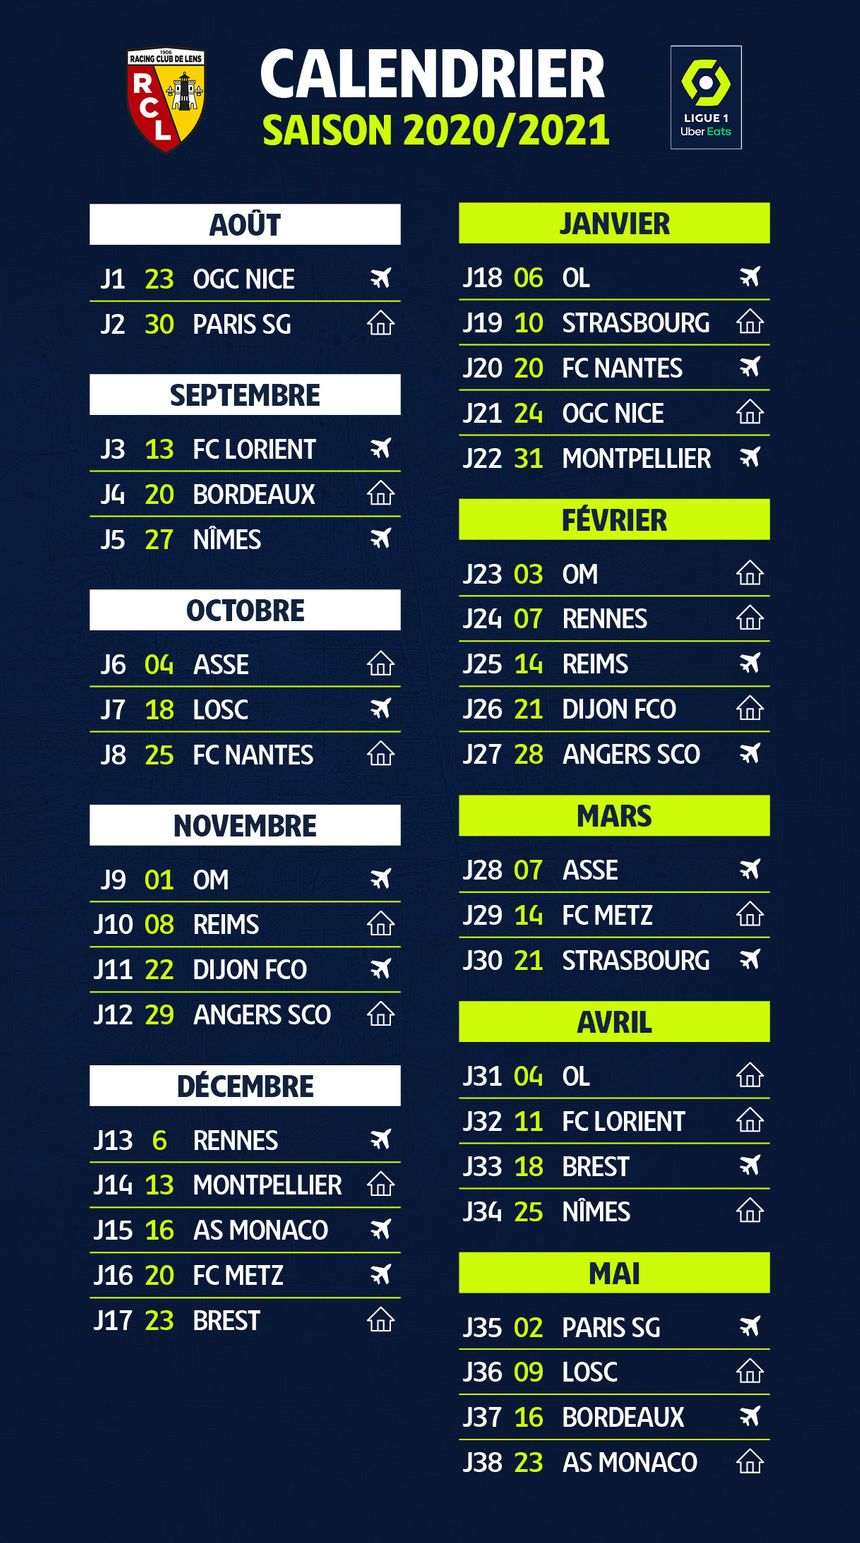 Calendrier Rc Lens 2021 Ligue 1 : le calendrier du RC Lens pour la saison 2020 2021